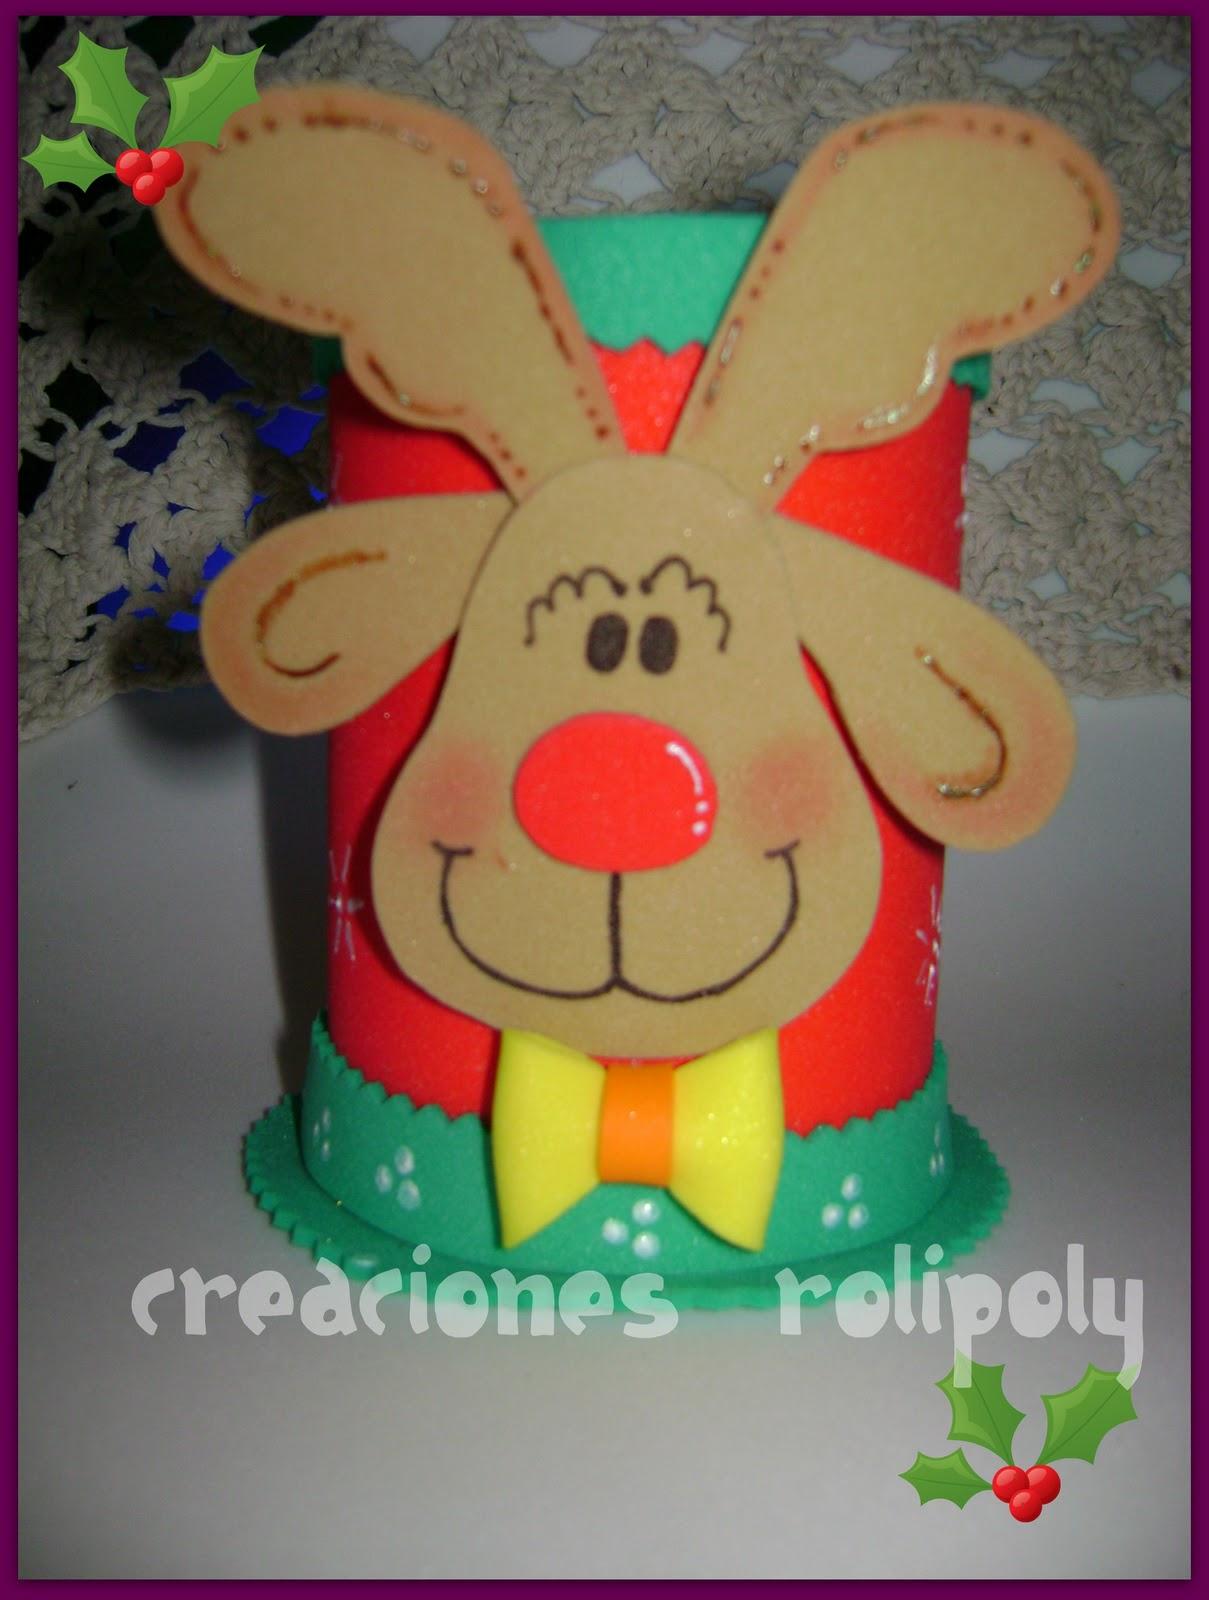 creaciones rolipoly: noviembre 2011